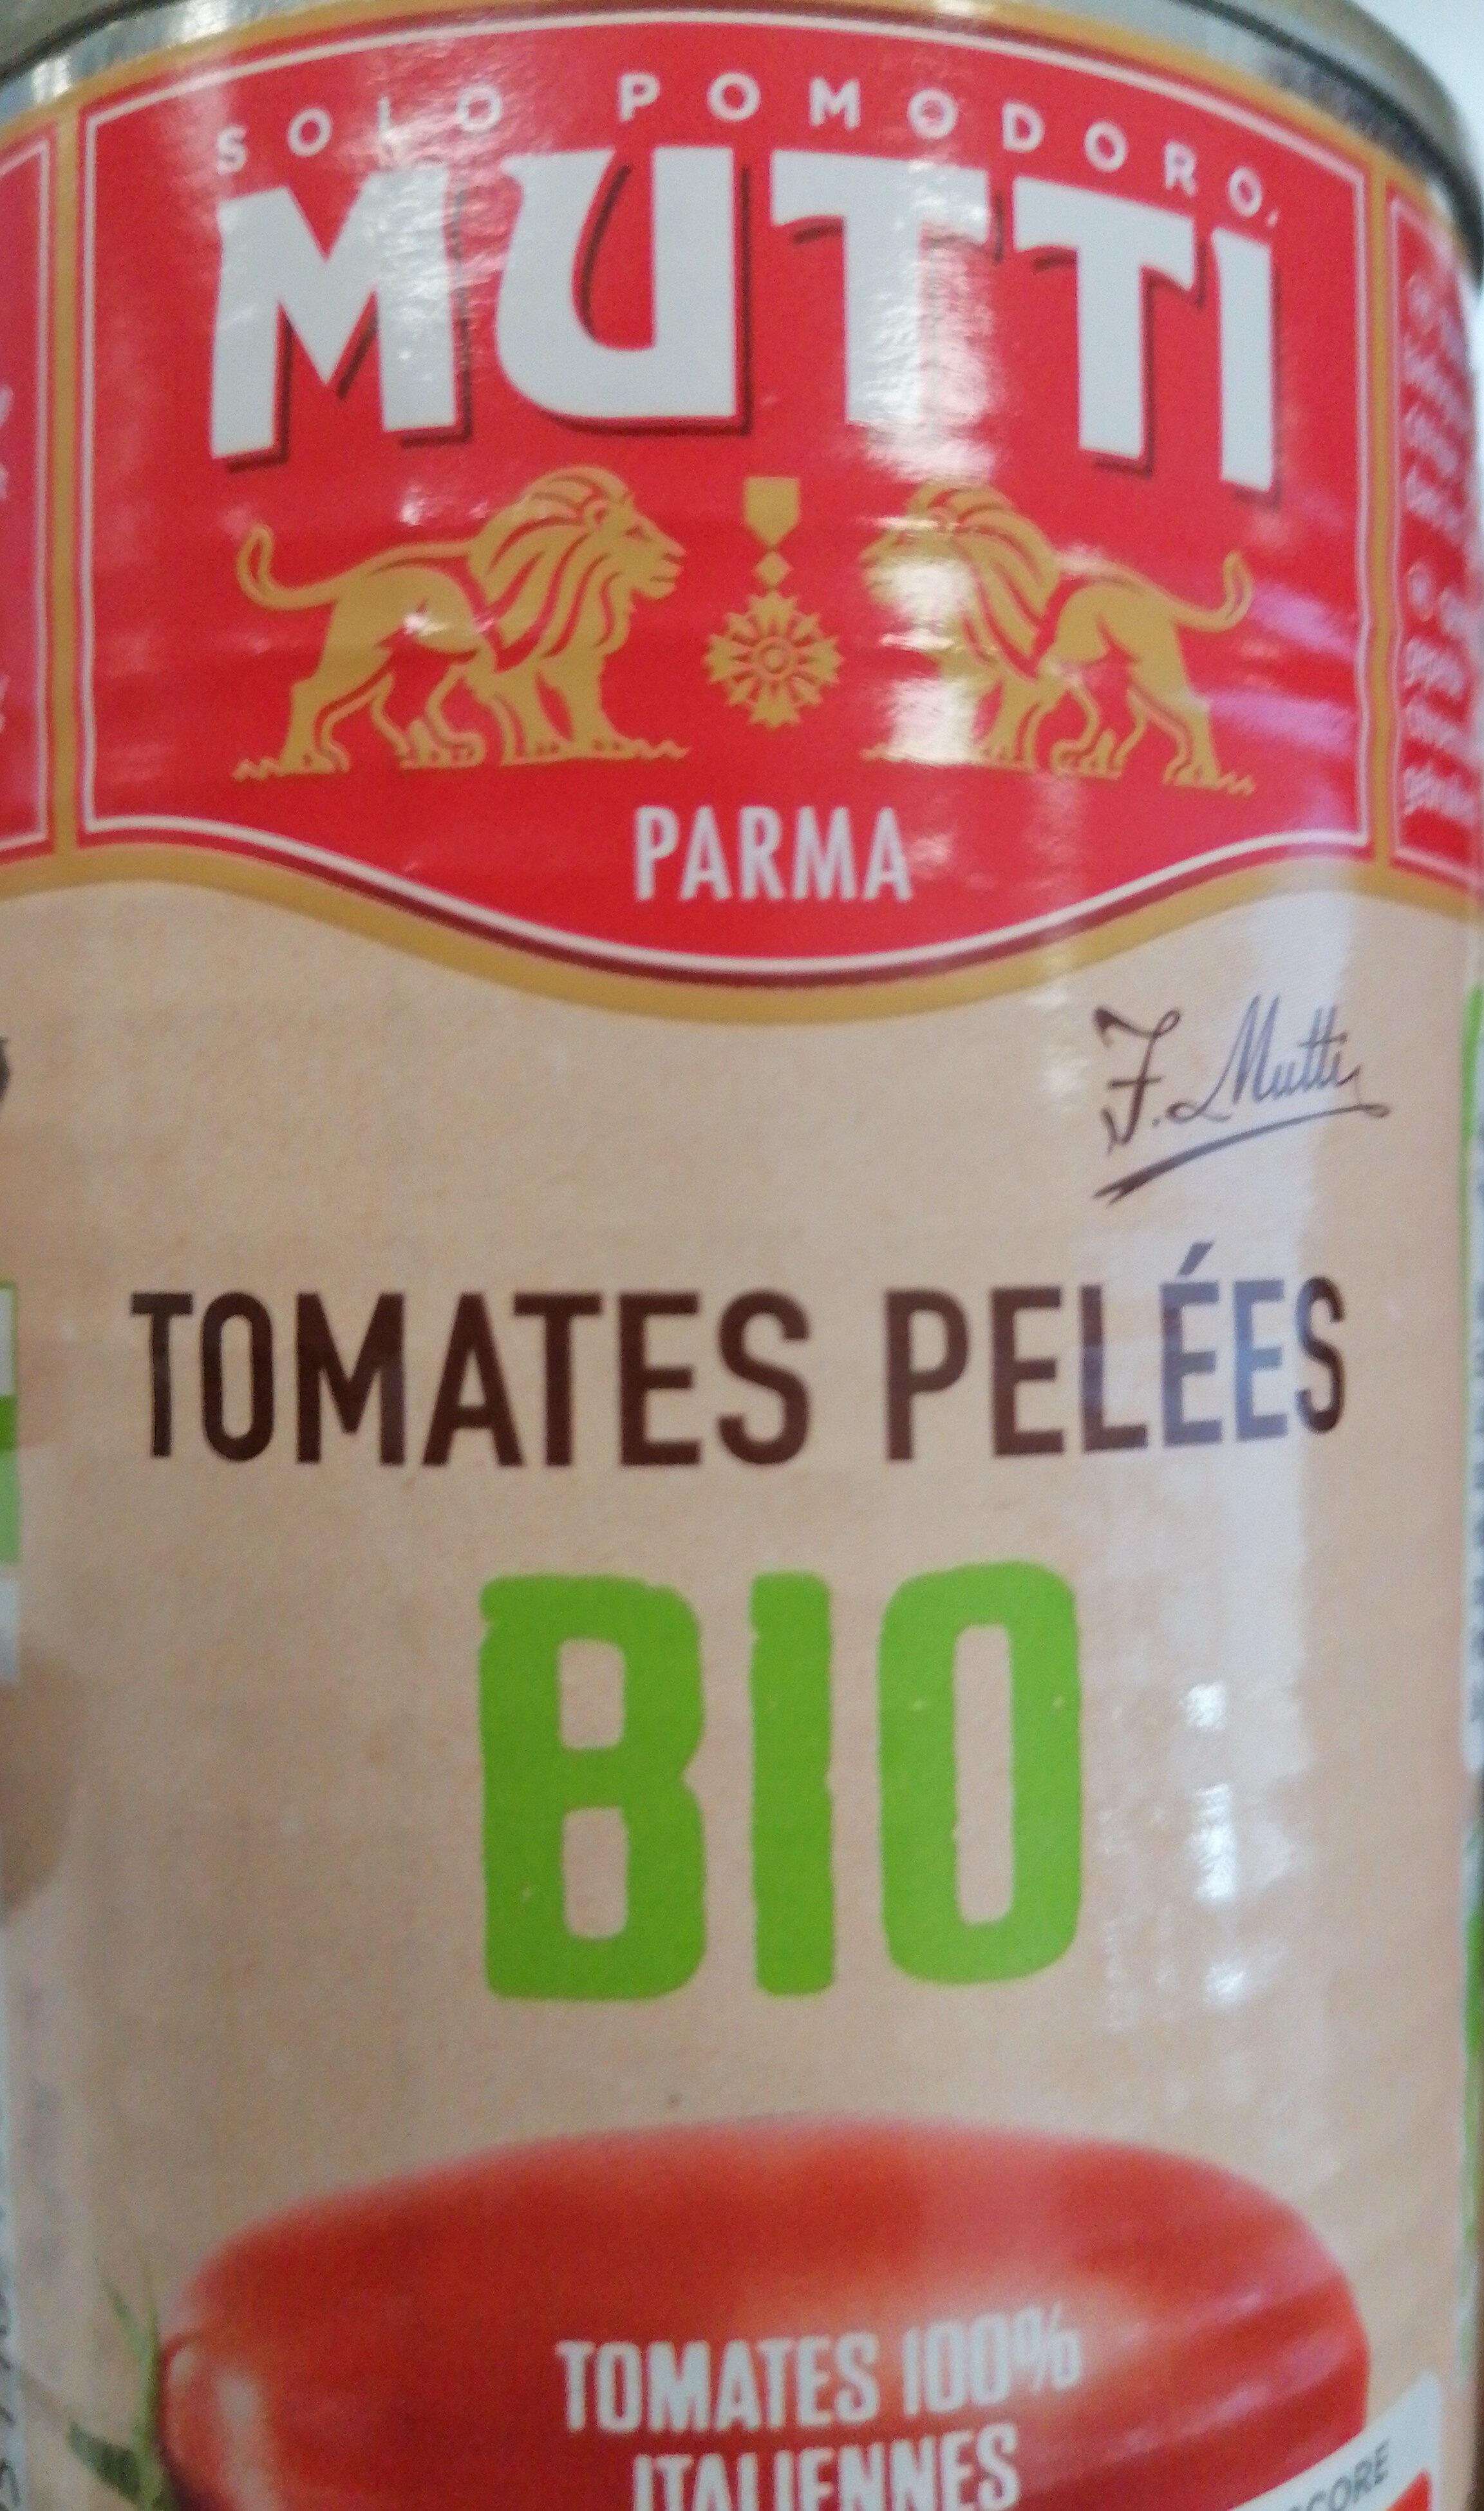 Tomate inteiro pelado Bio - Product - pt